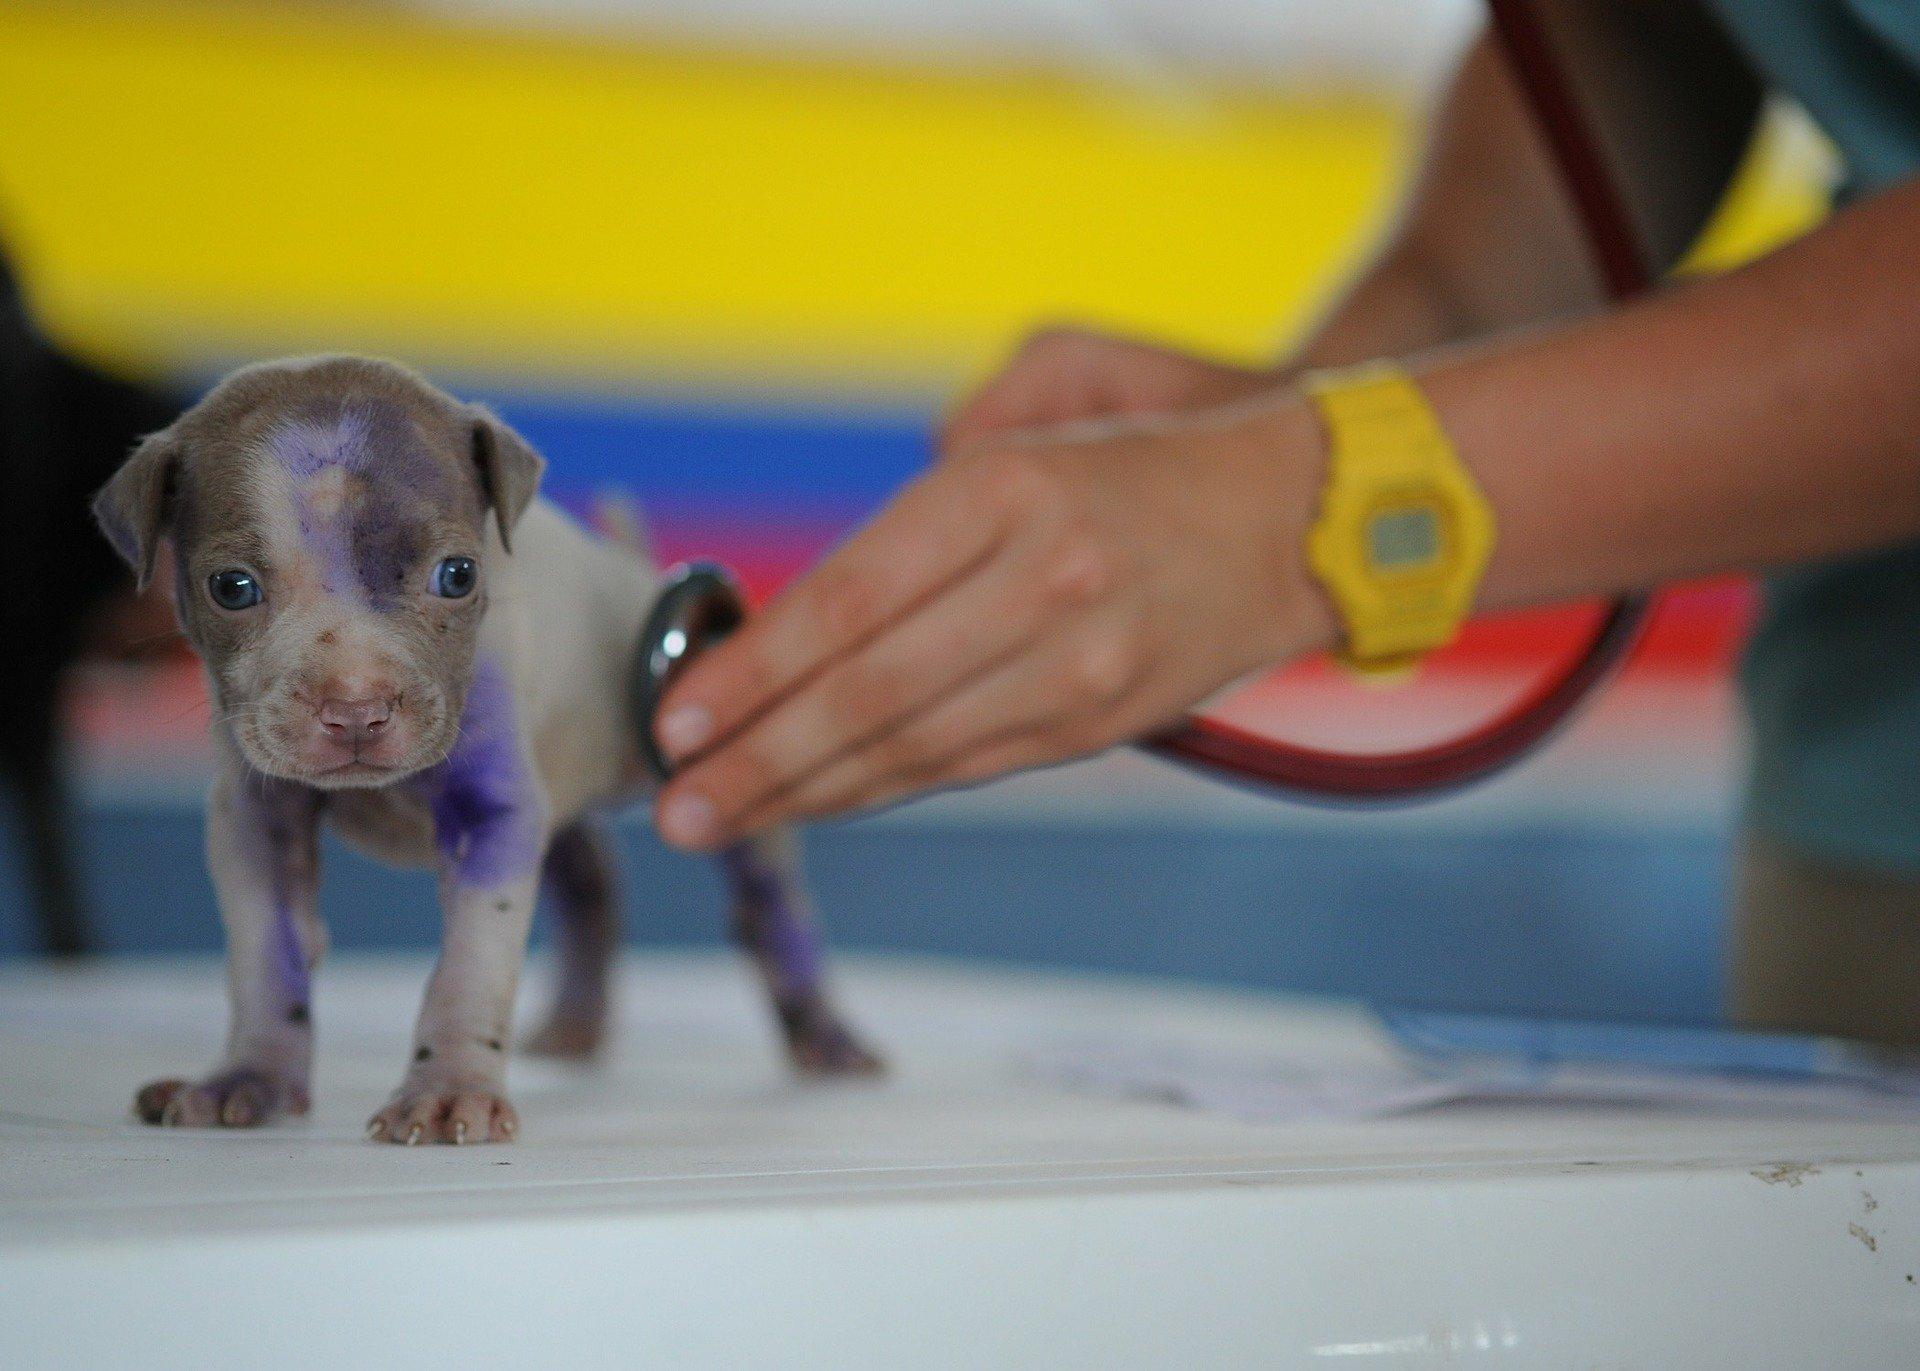 Foto de uma pessoa atendendo um cachorro filhote. Imagem ilustrativa para o texto plano de saúde para cachorro.